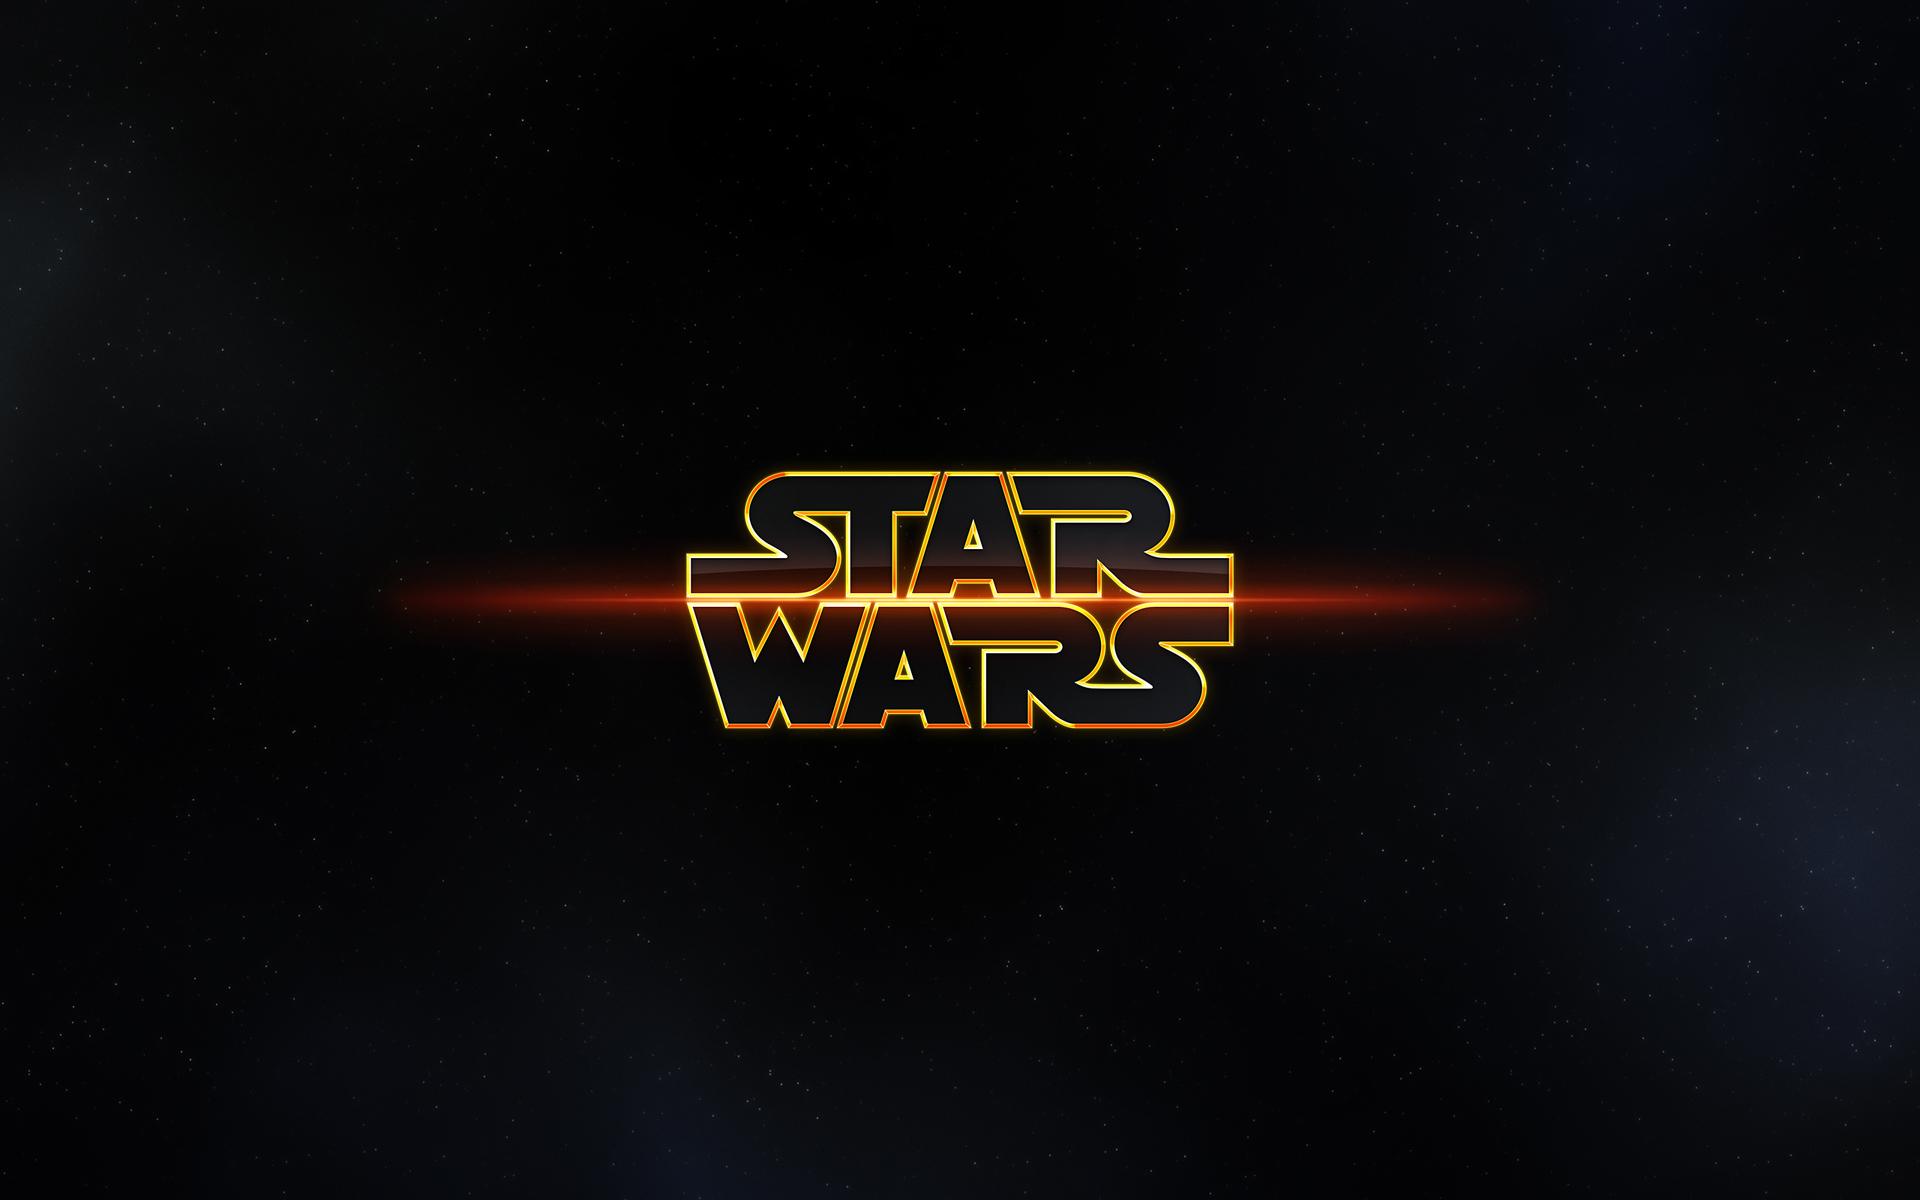 Best Star Wars 2015 HD Wallpaper HDpixels 1920x1200